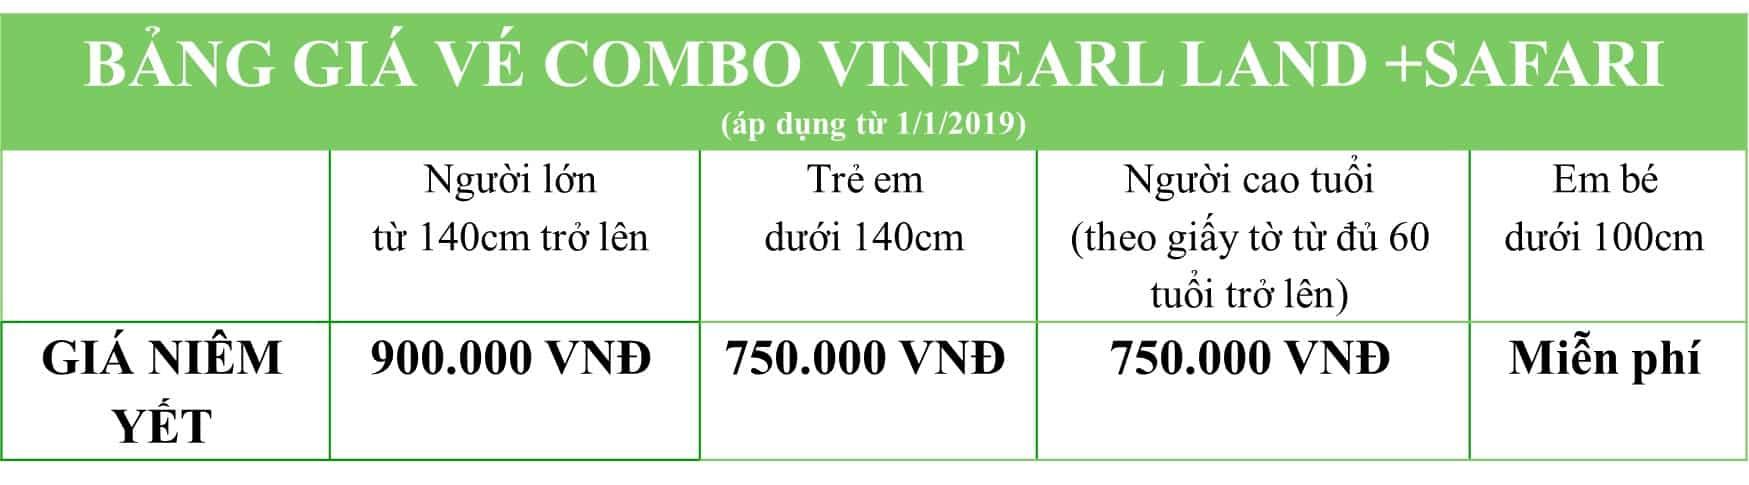 Bảng giá vé combo vinpearl Phú Quốc